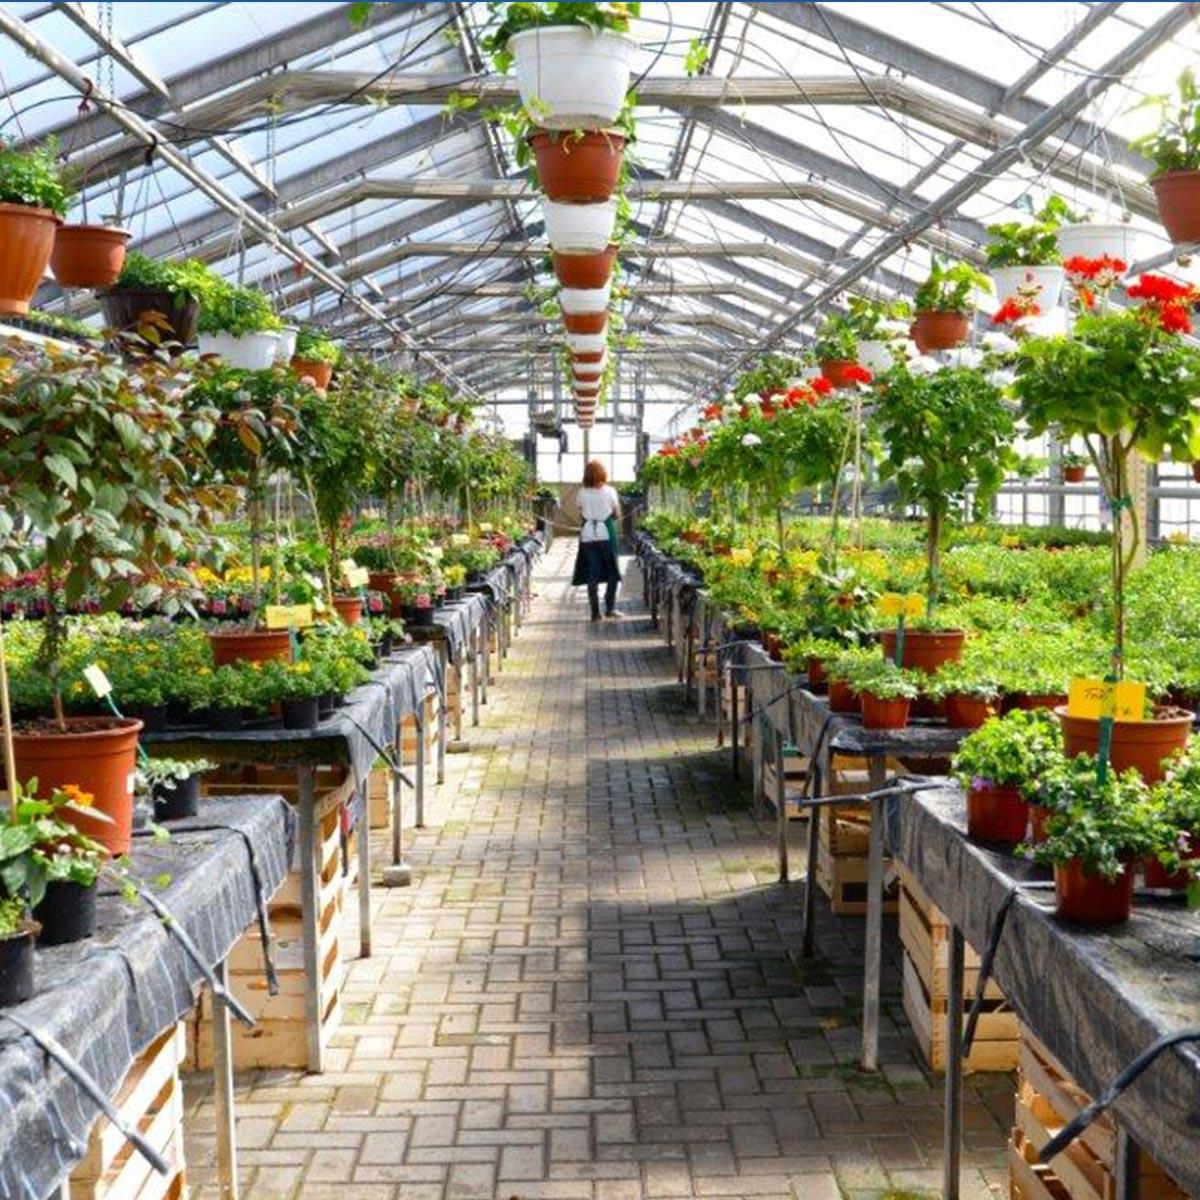 Gärtnerei Gewächshaus mit Pflanzen